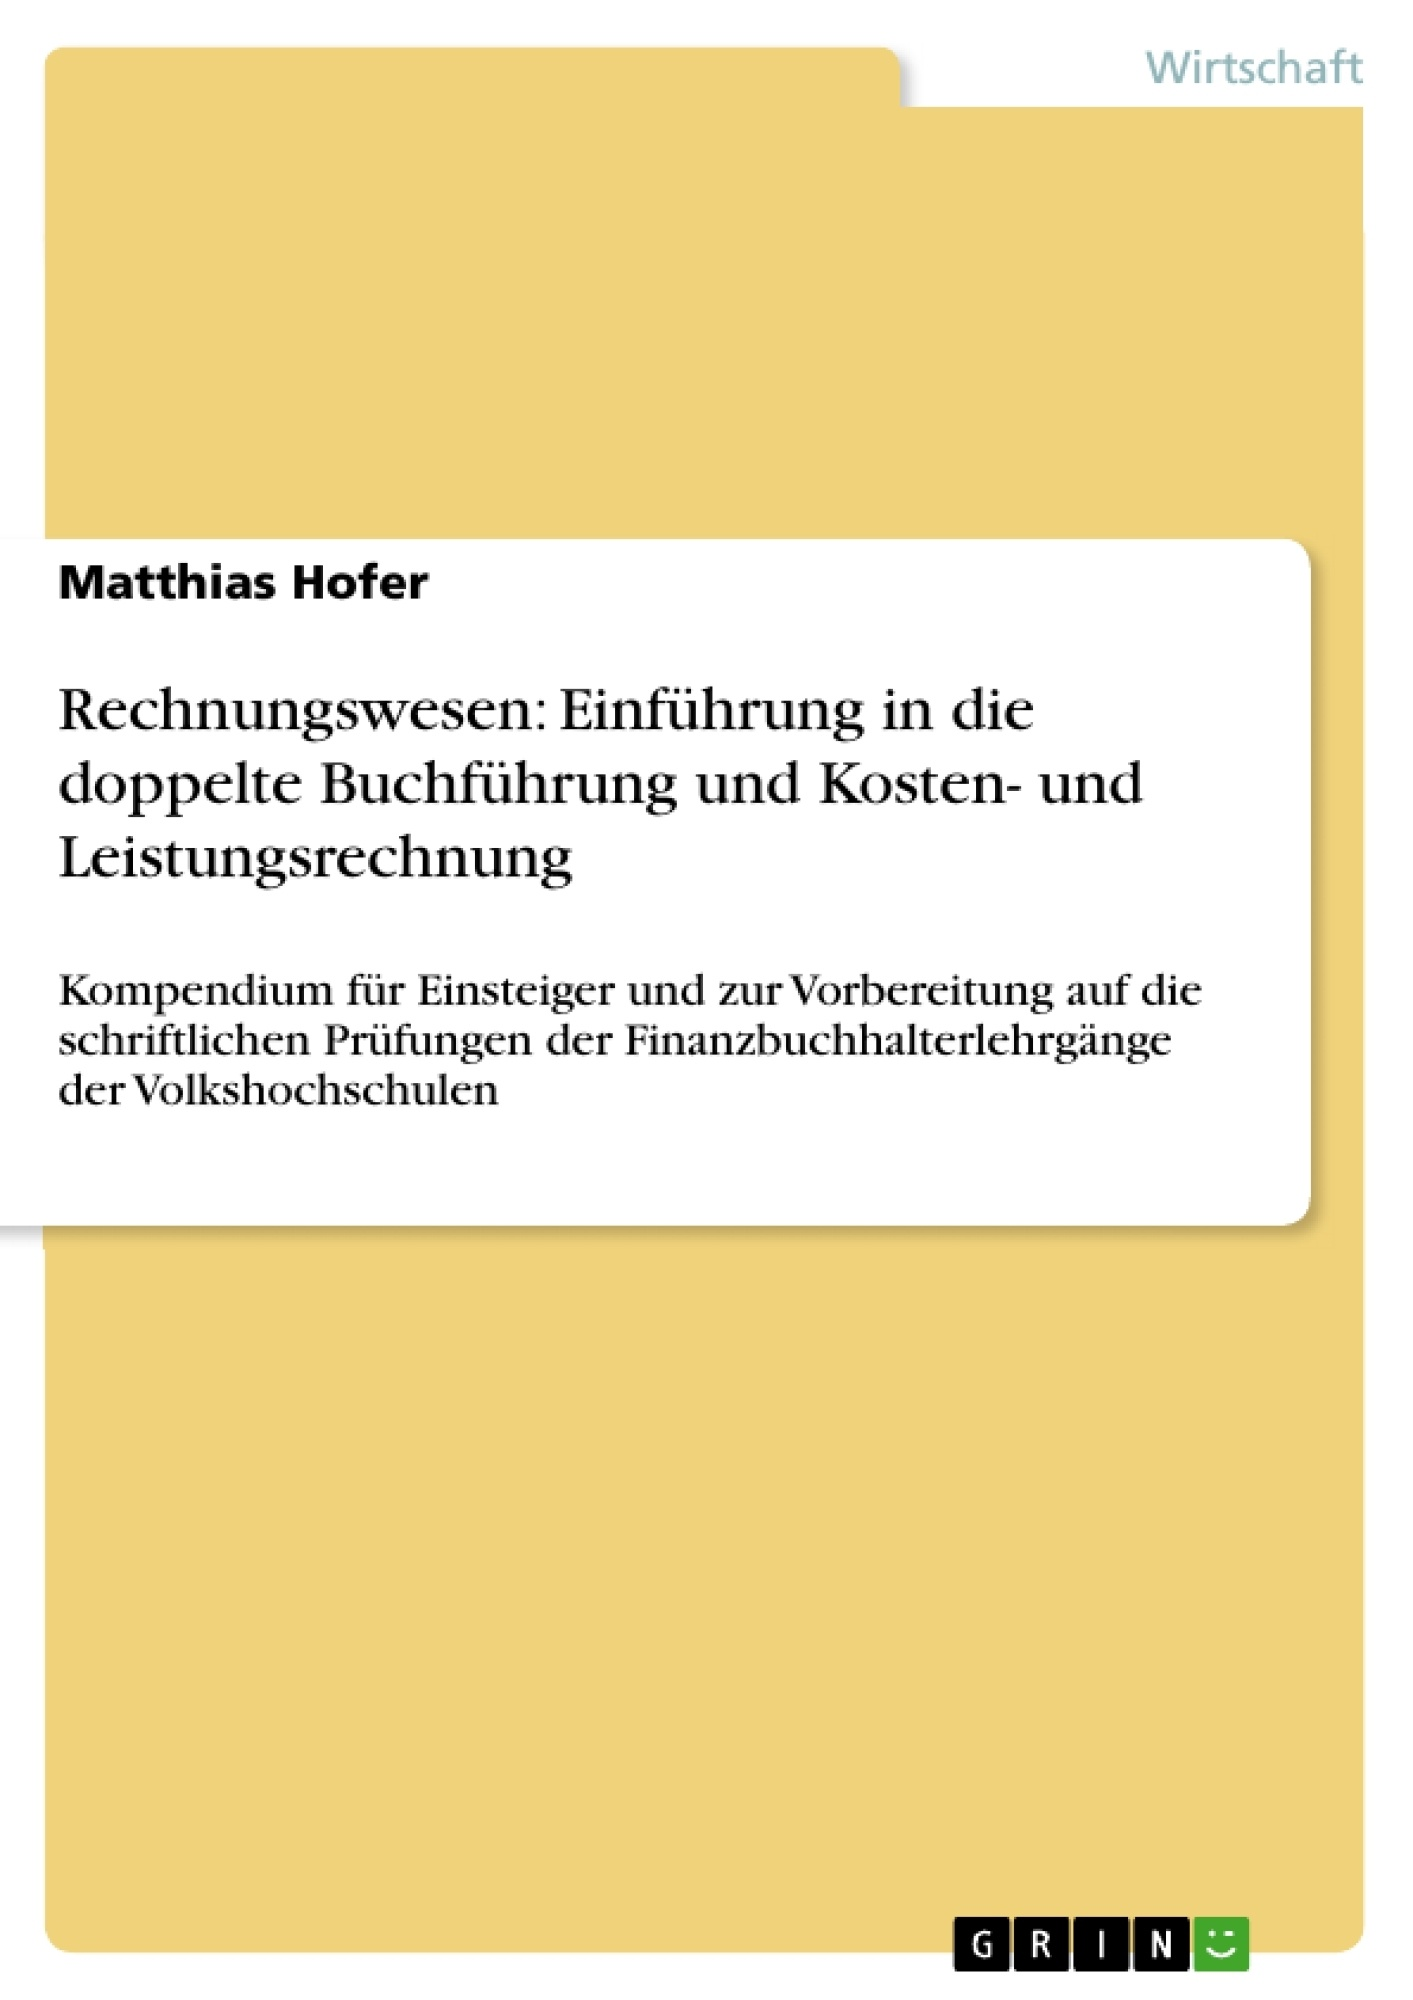 Fantastisch Ein Arbeitsblatt In Der Buchhaltung Vorbereiten Bilder ...